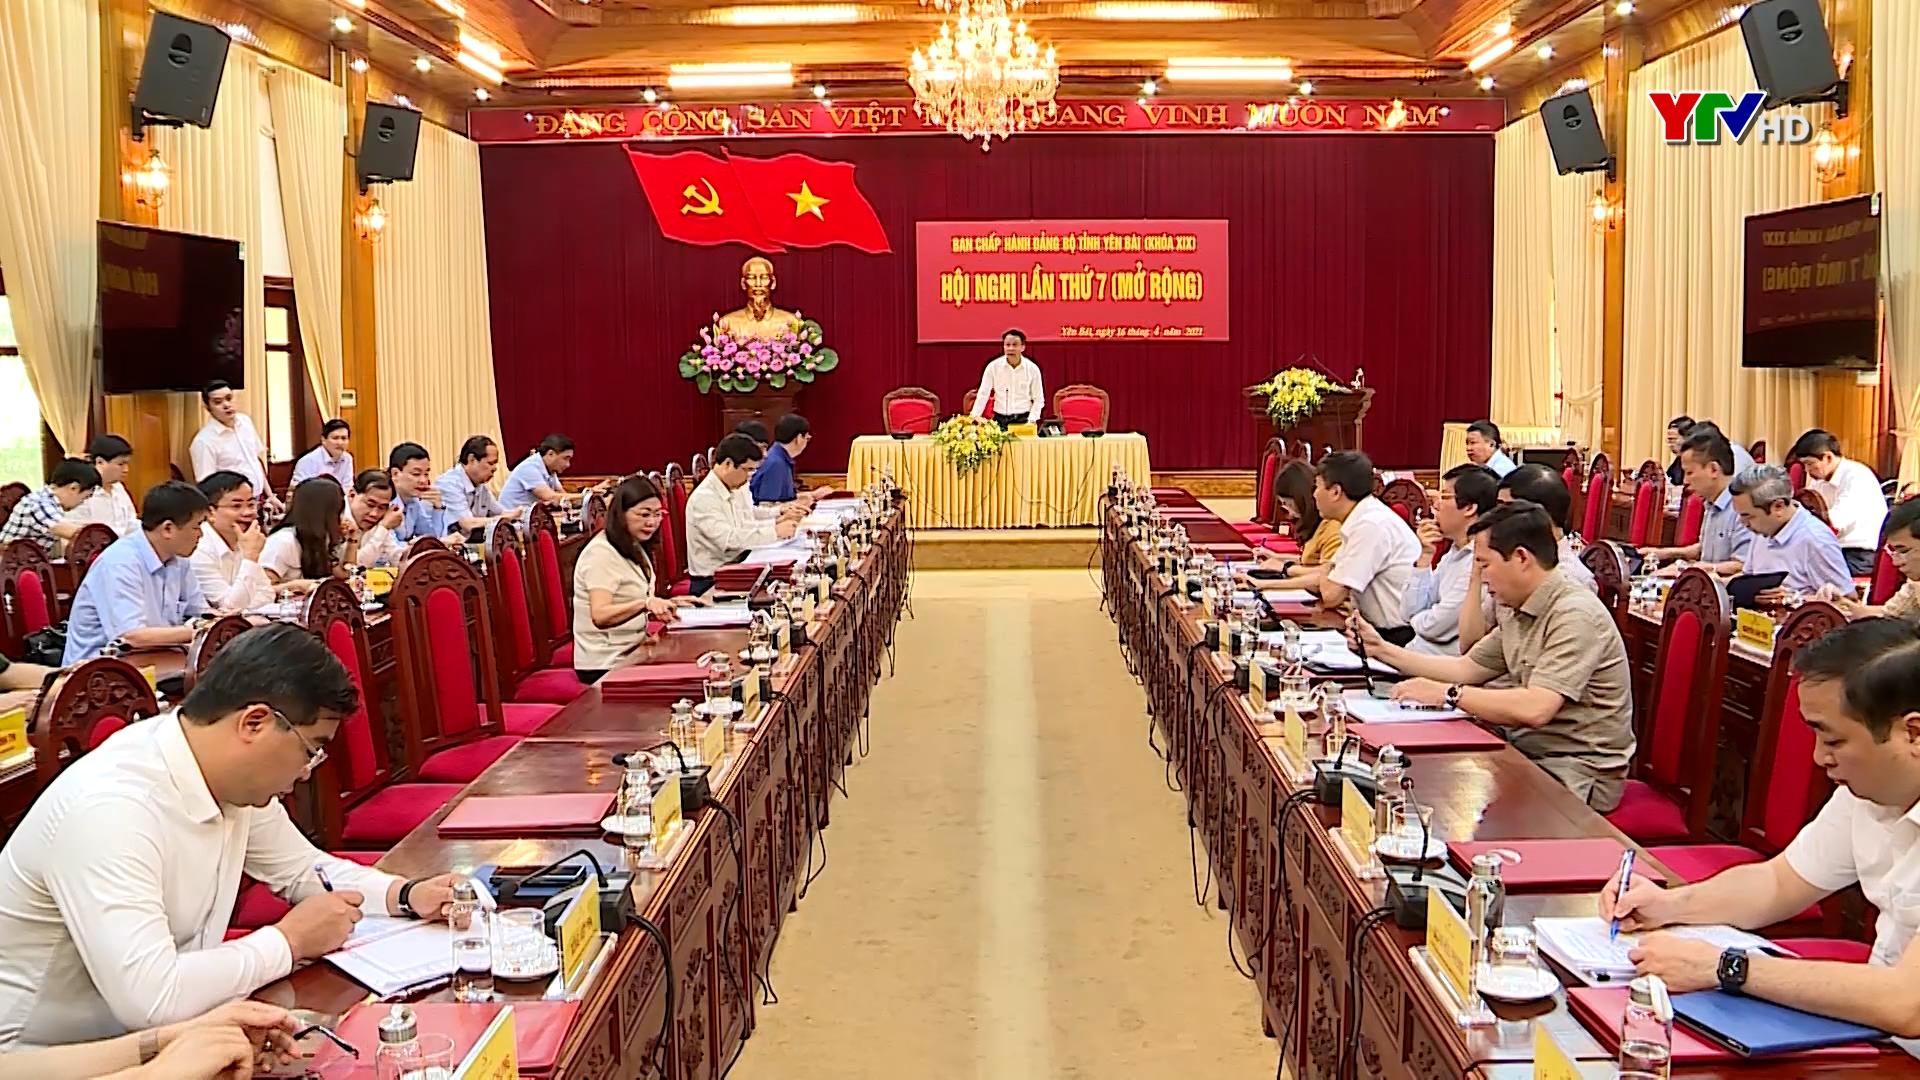 Hội nghị Ban Chấp hành Đảng bộ tỉnh lần thứ 7 thảo luận nhiều nội dung quan trọng